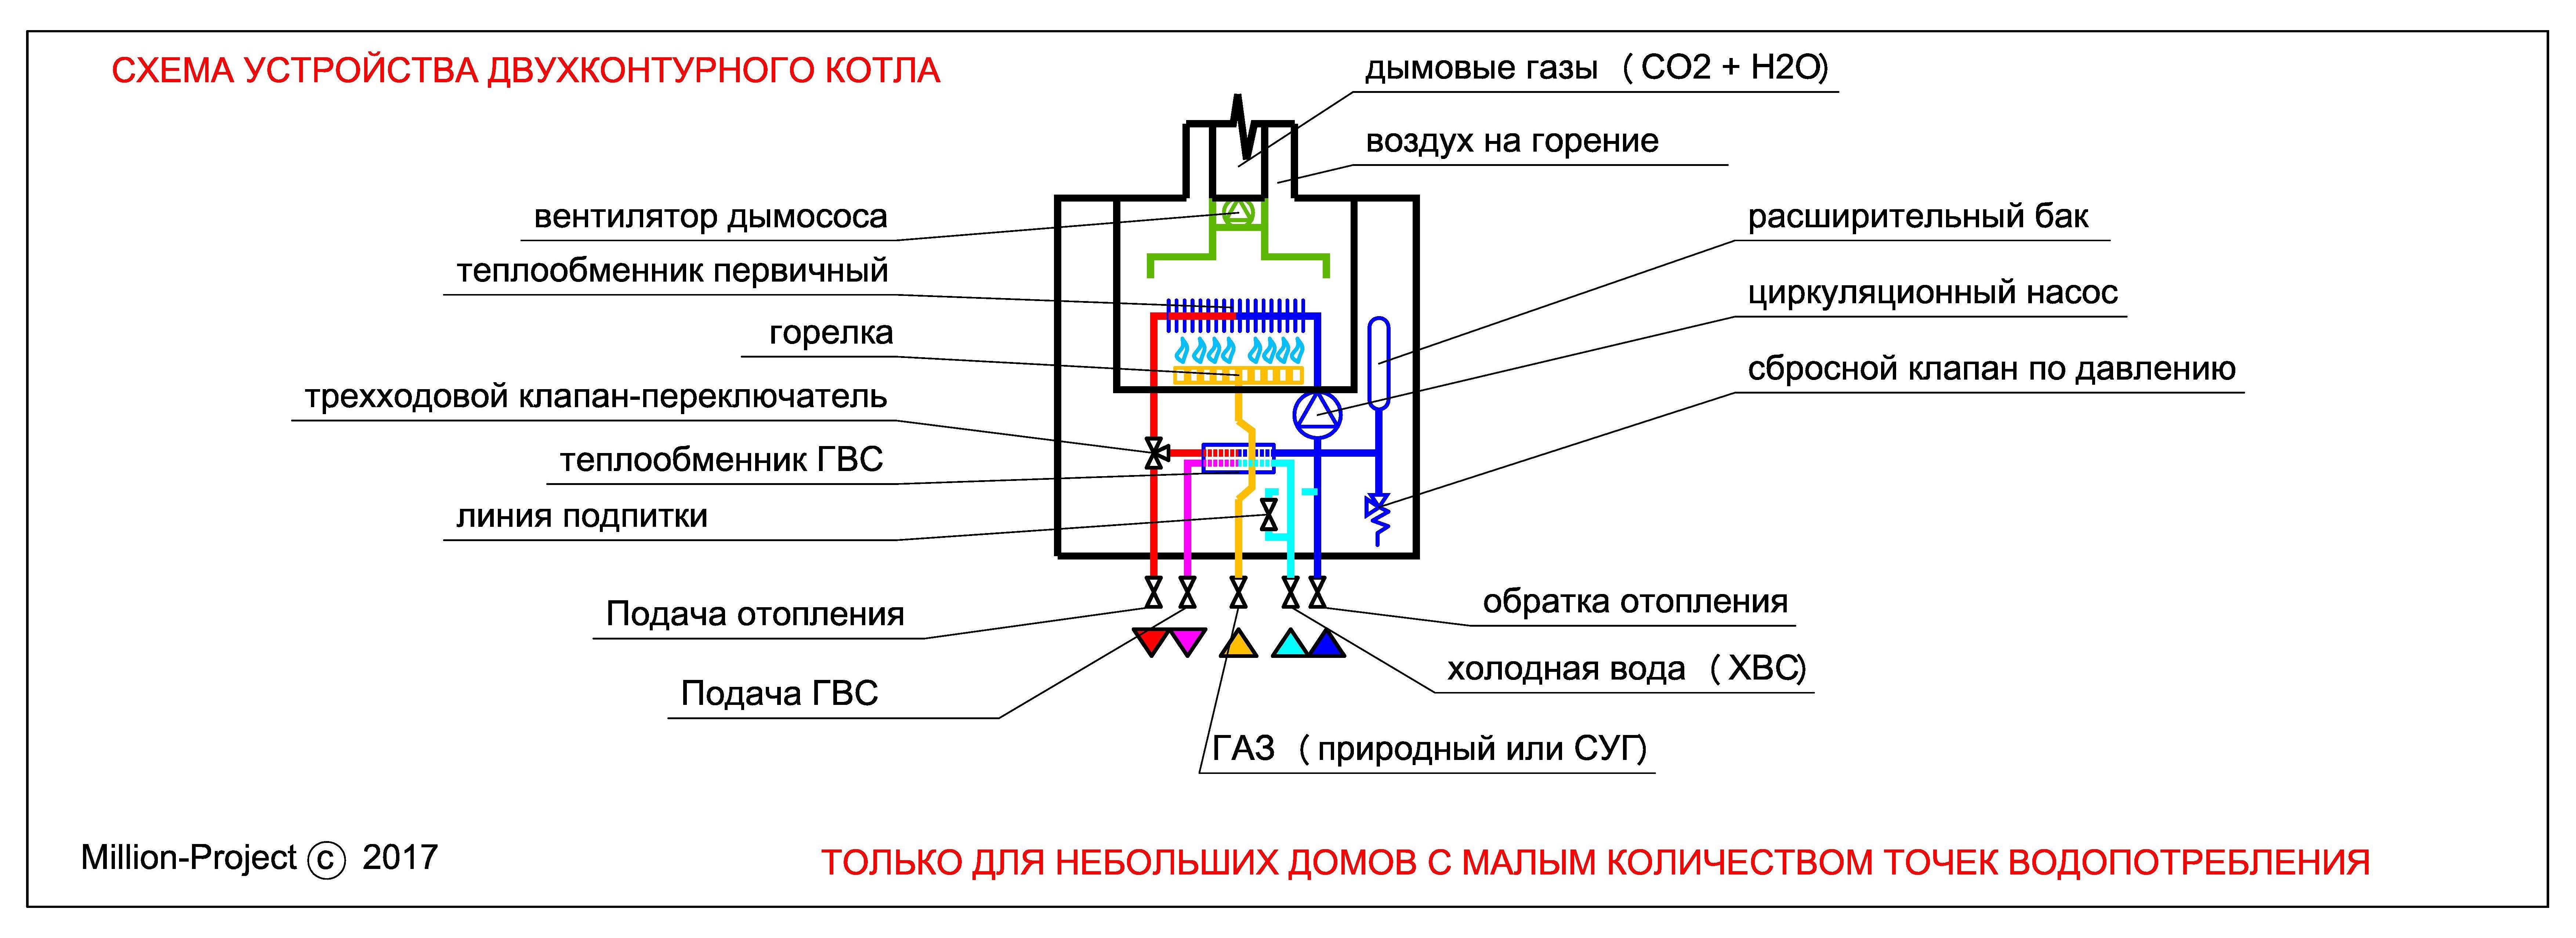 Схема устройства двухконтурного котла